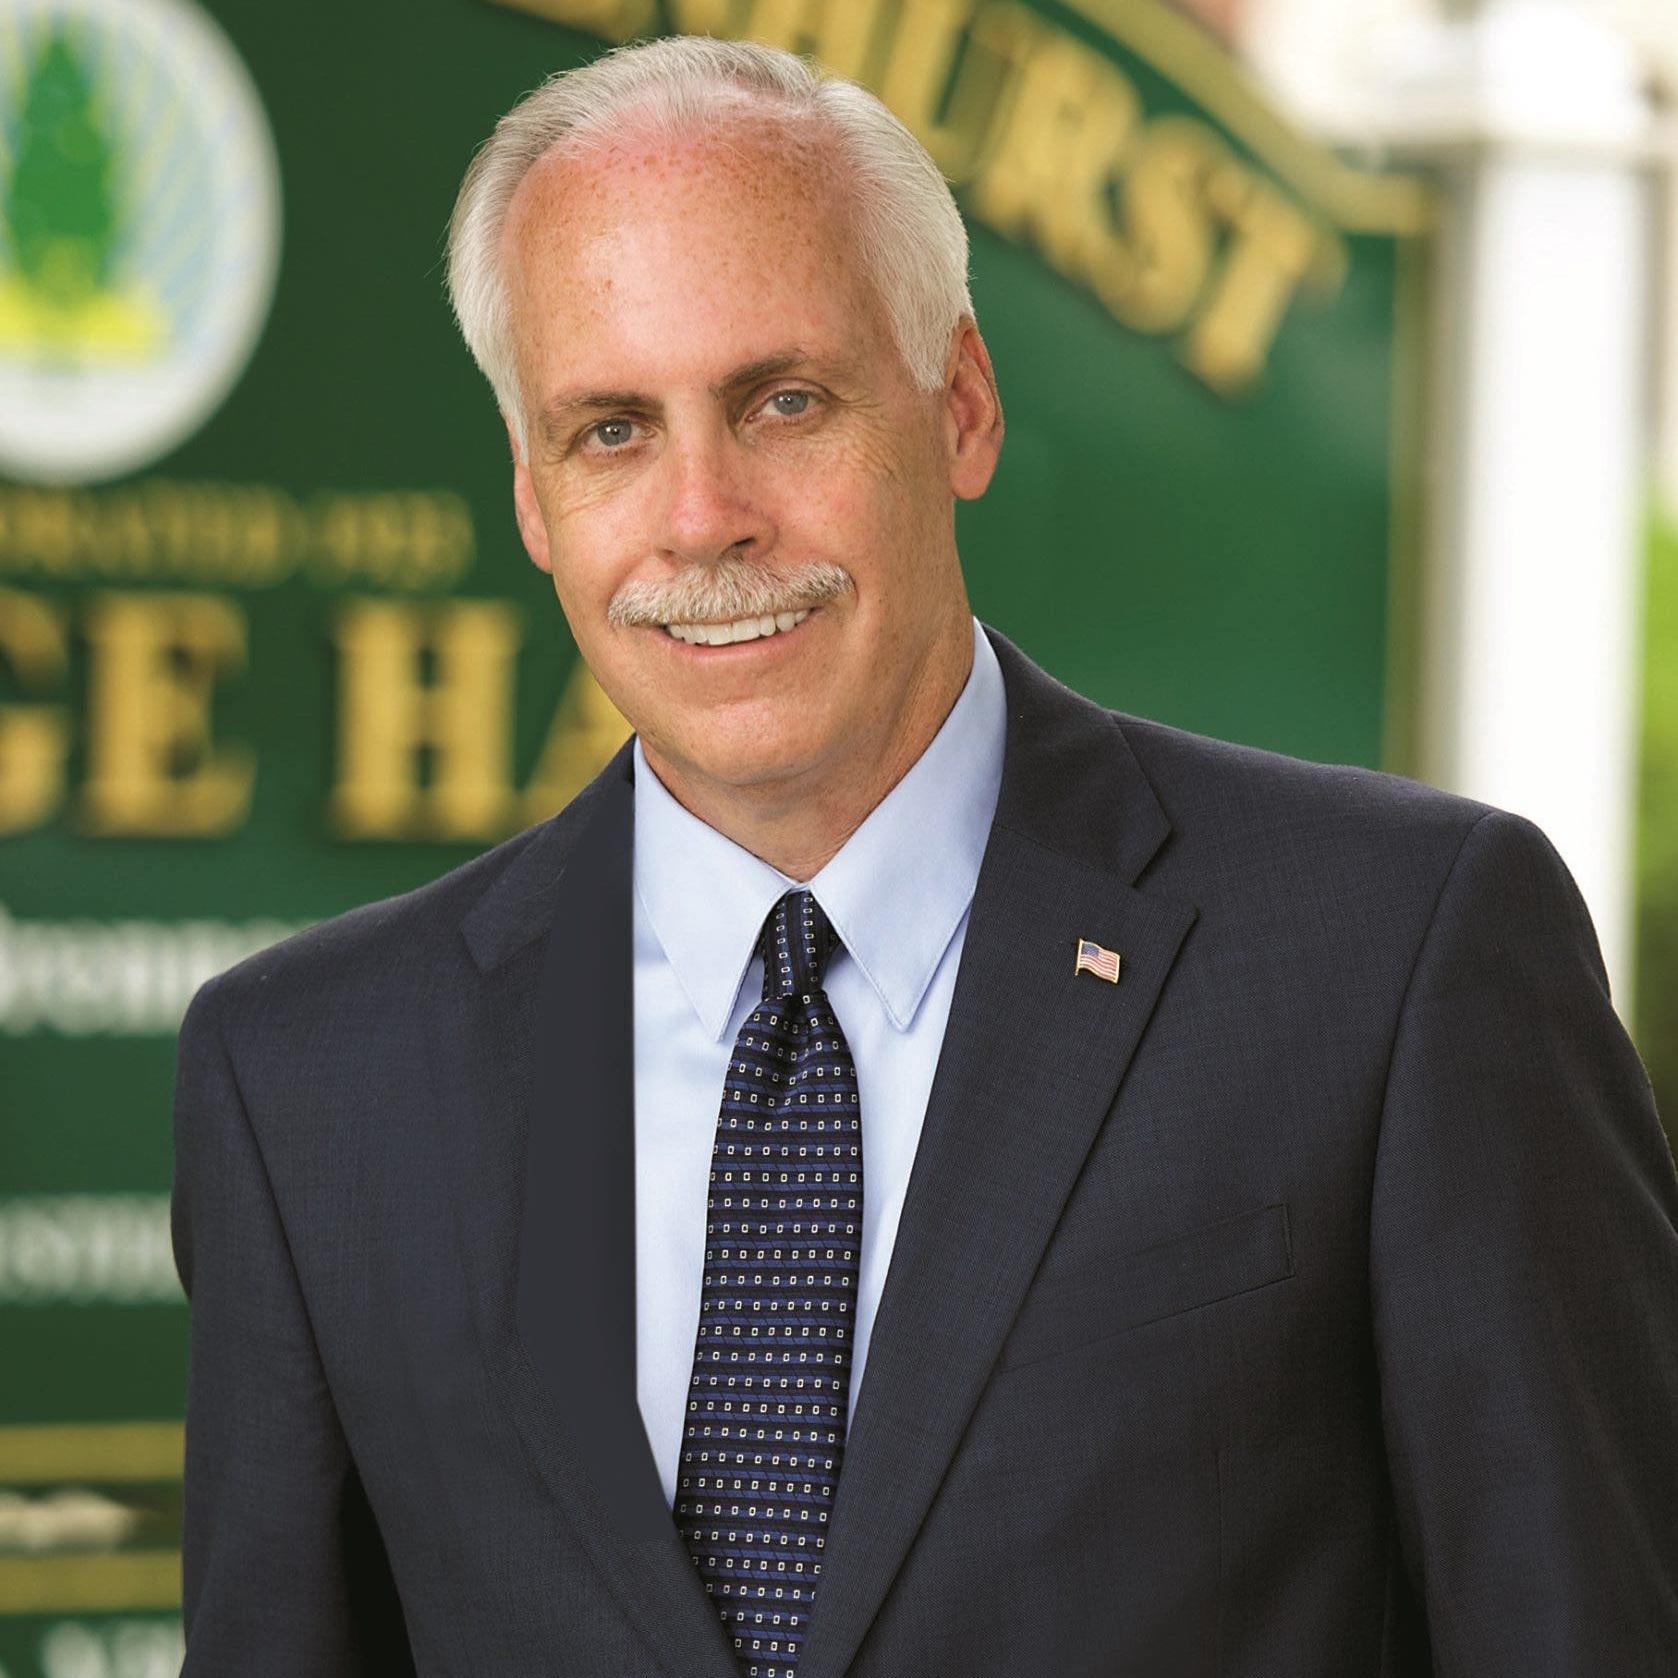 Kevin MCCAFFREY - Suffolk County Legislative District 14